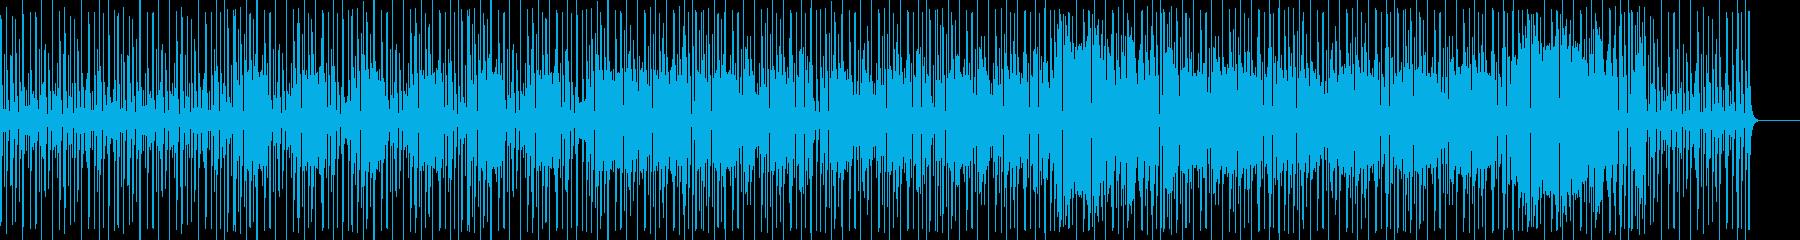 拍手がビートを刻むリズミカルなブルースの再生済みの波形